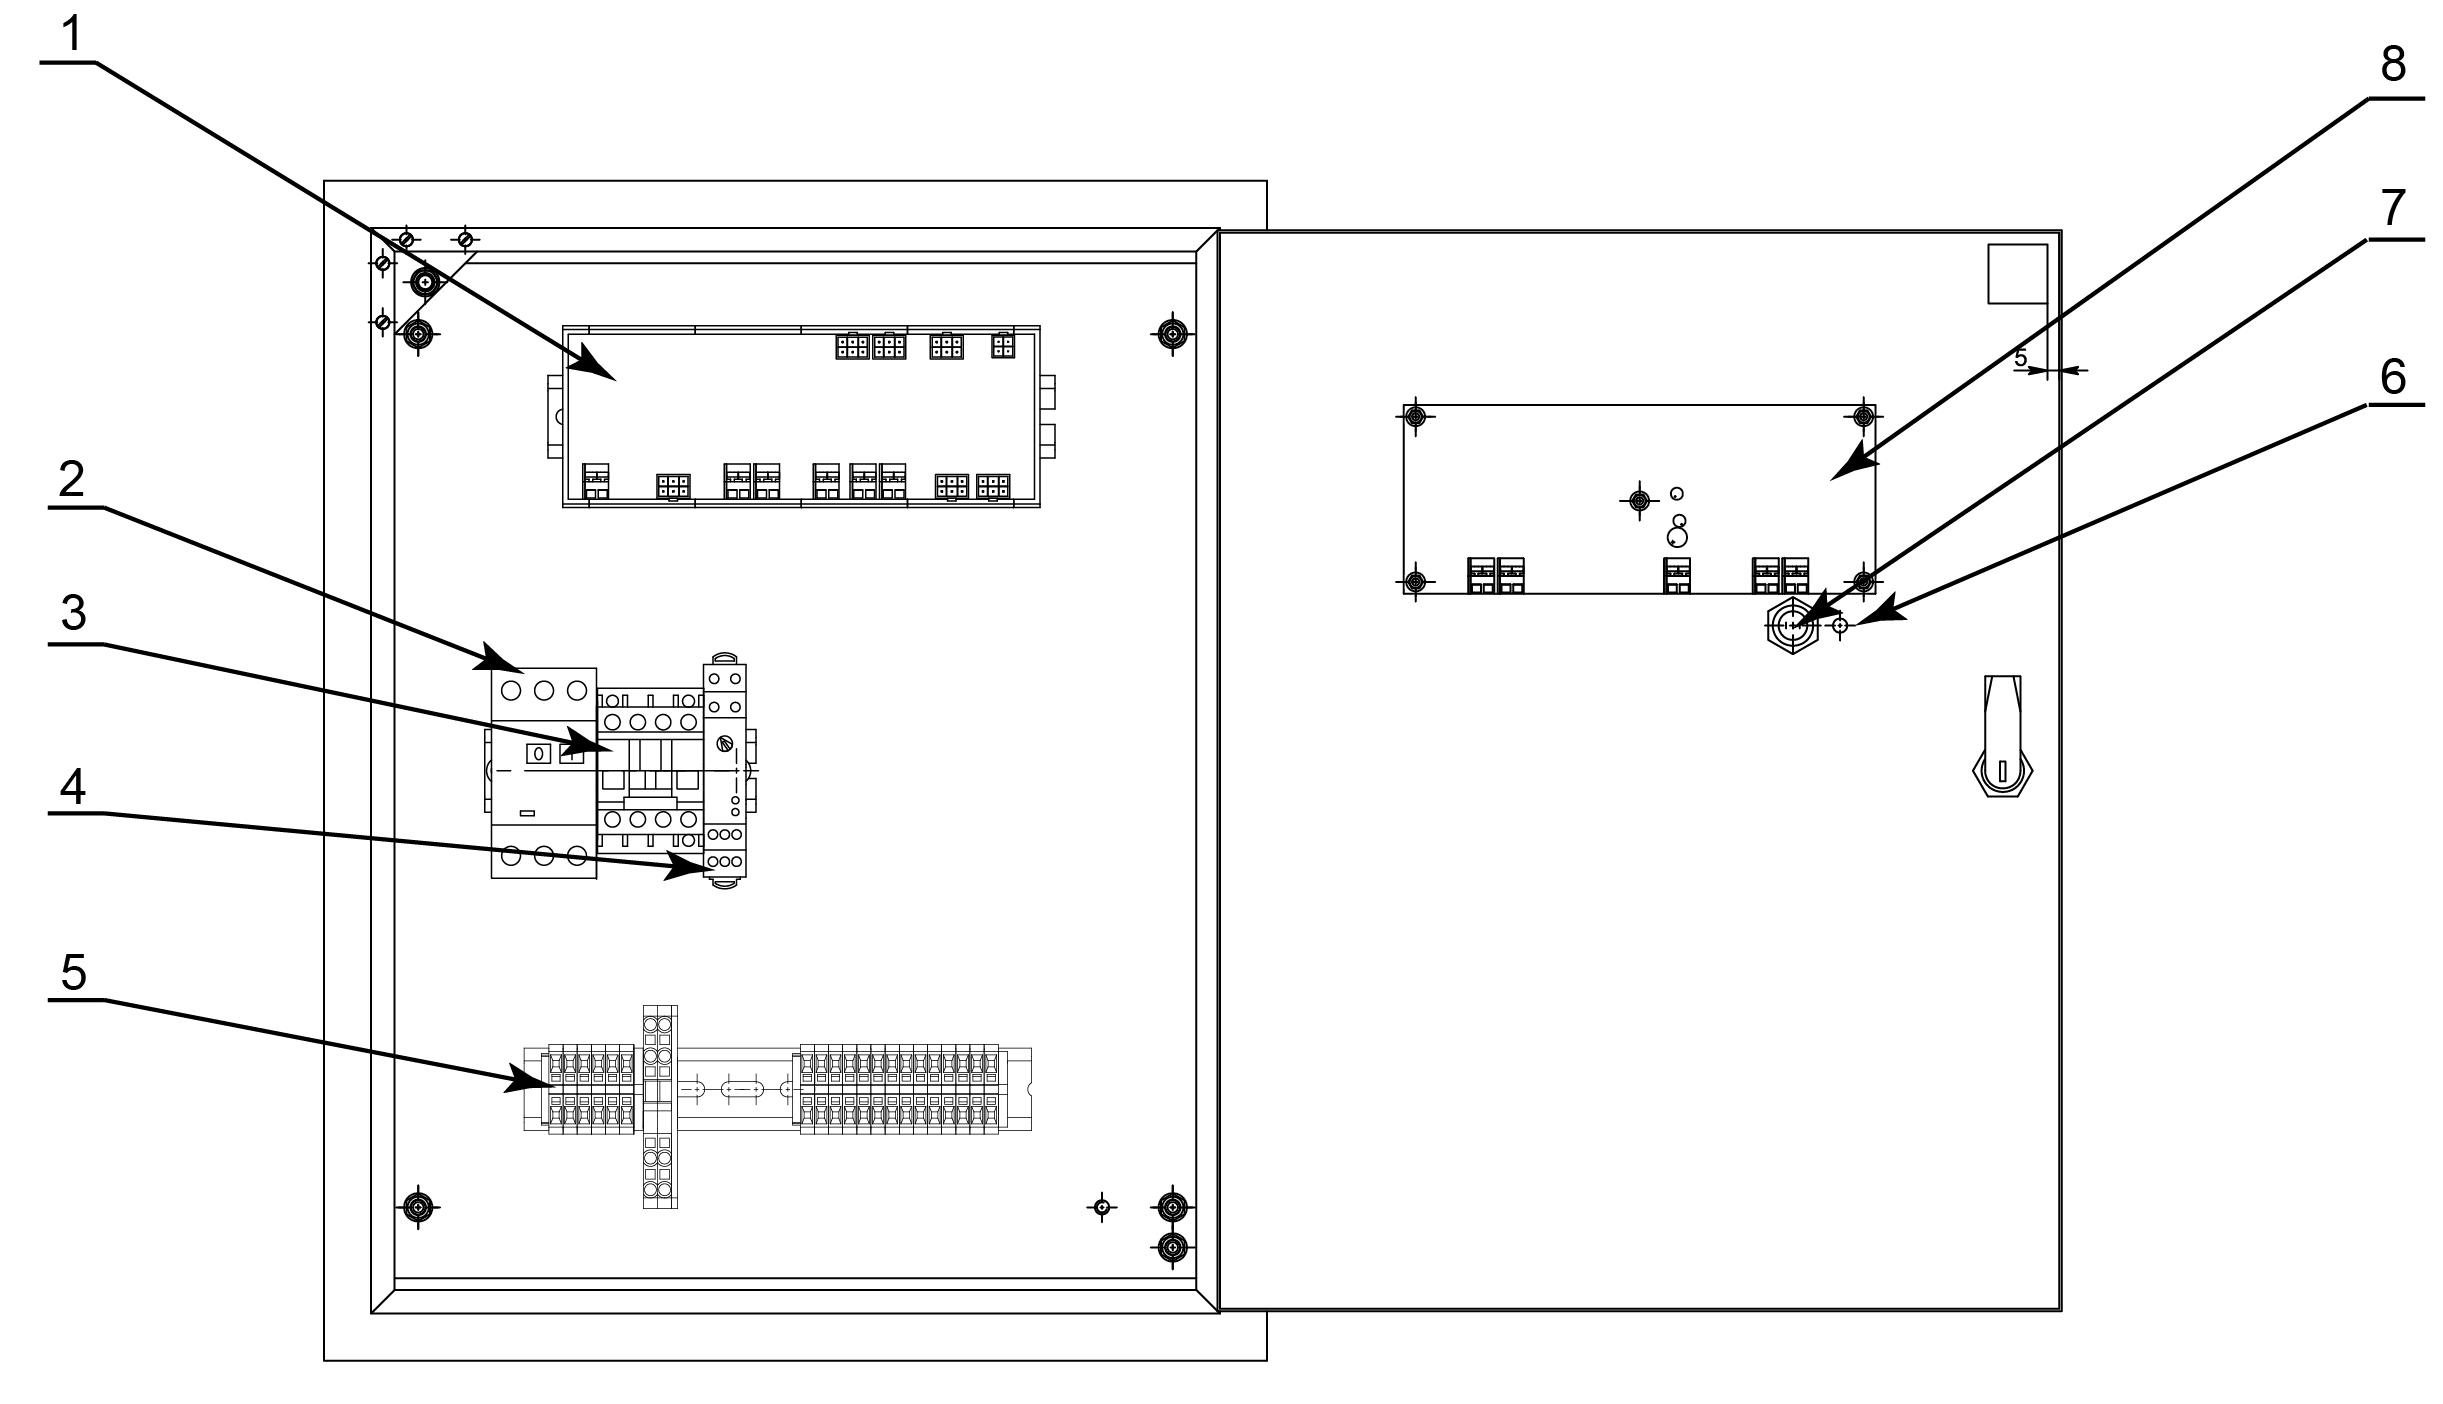 ШУН/В-2.2 (2.2 КВТ) протокол R3